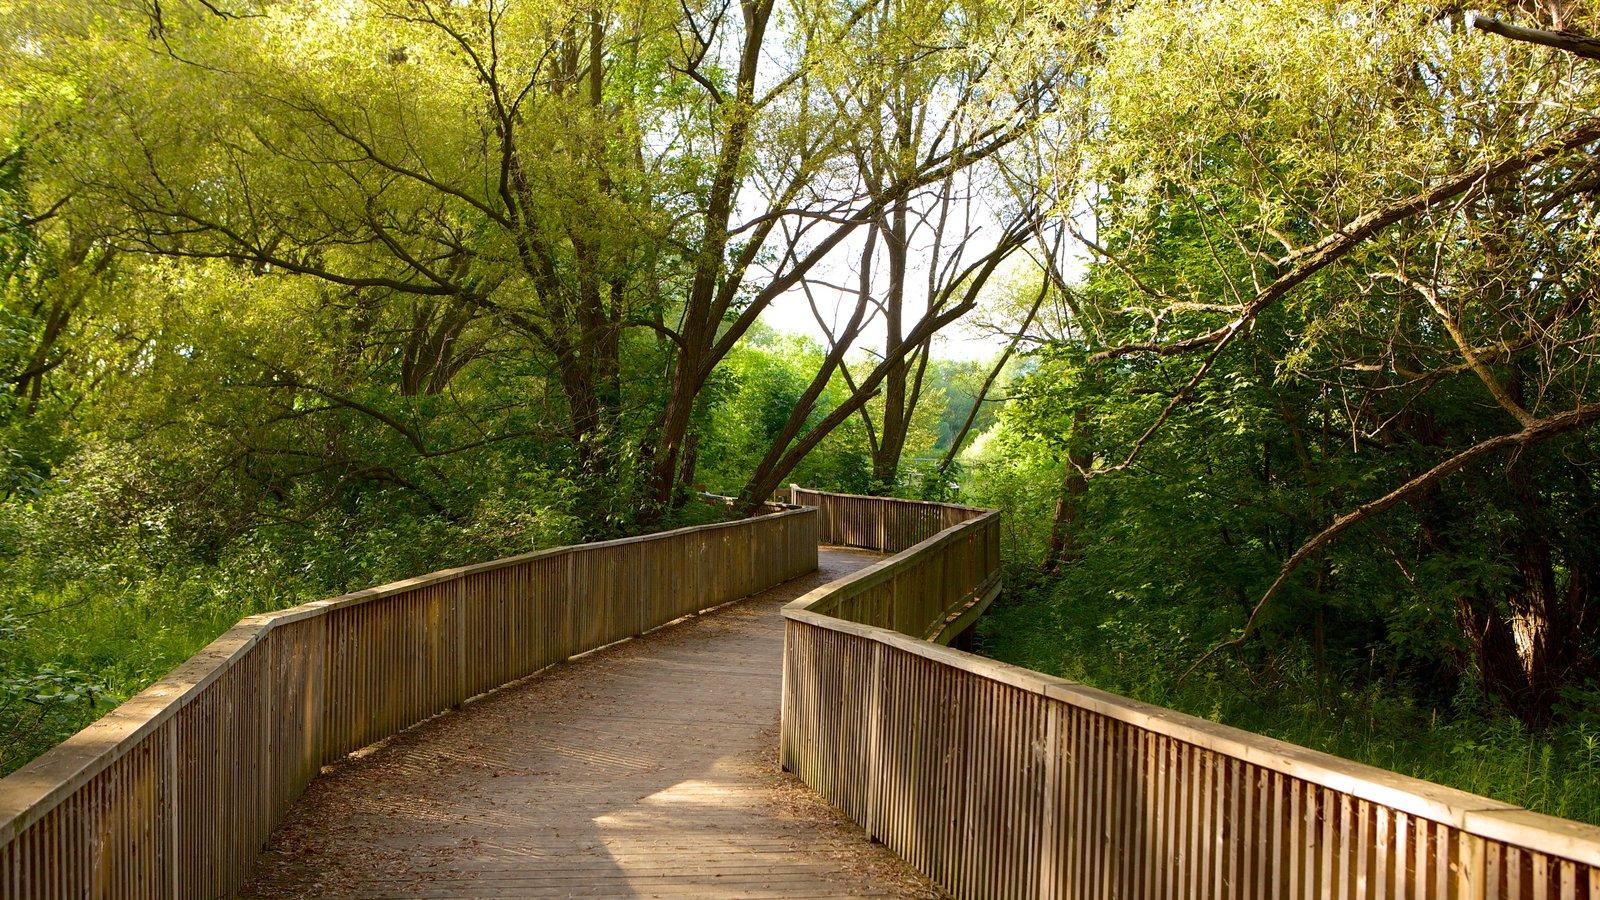 Collingwood mostrando florestas e uma ponte